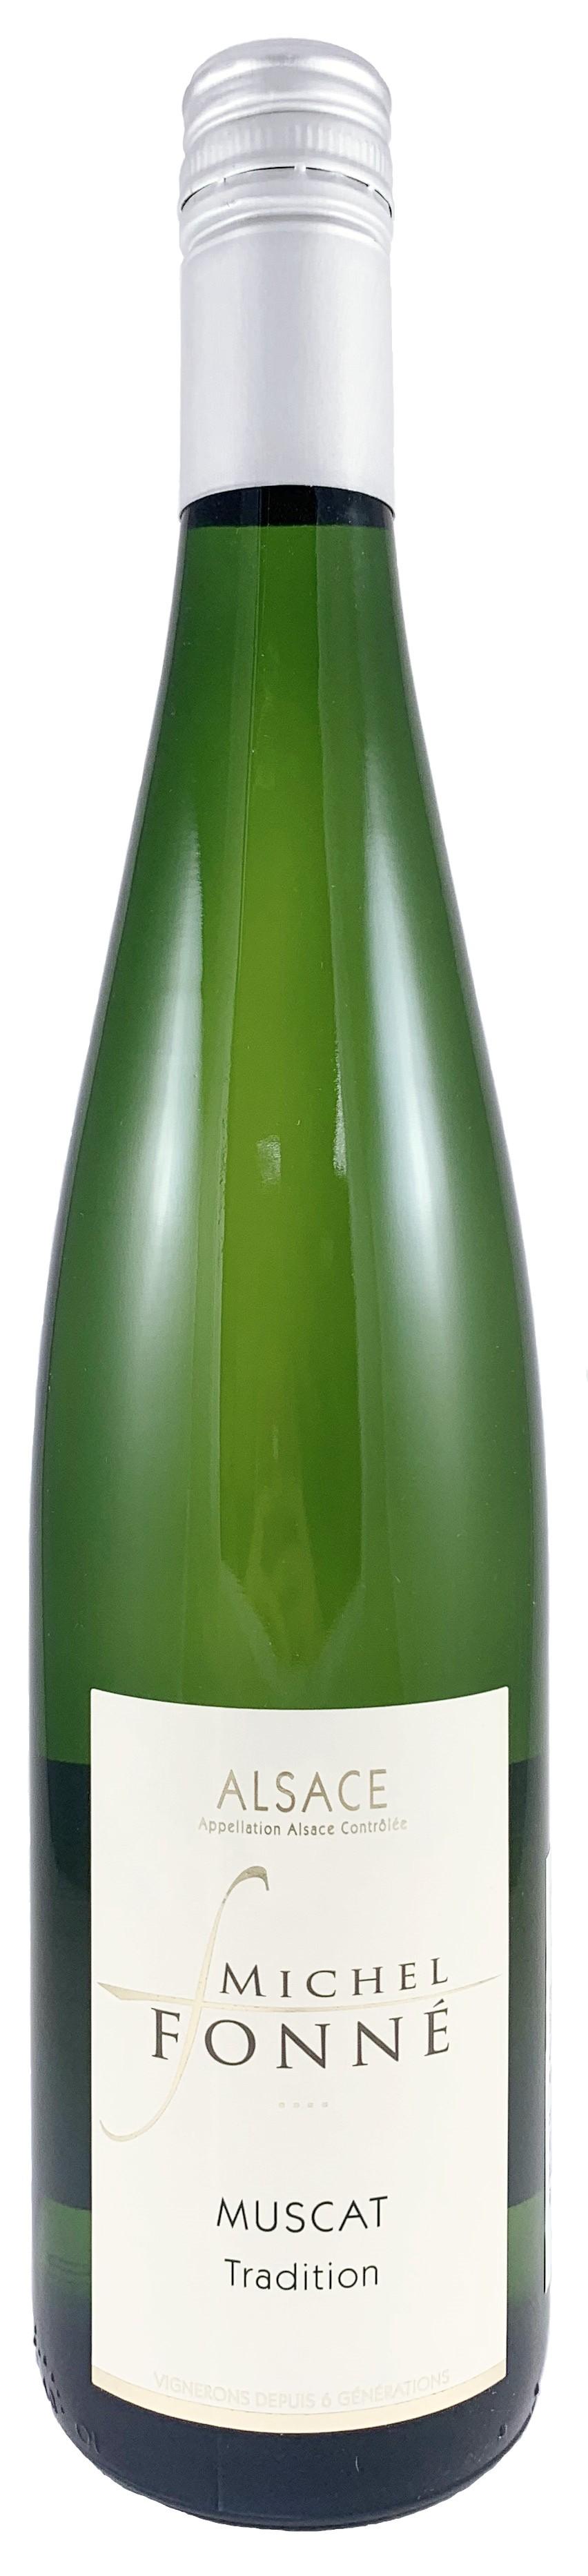 法國 阿爾薩斯AOC 米歇爾弗內酒莊 蜜絲卡 白葡萄酒2017